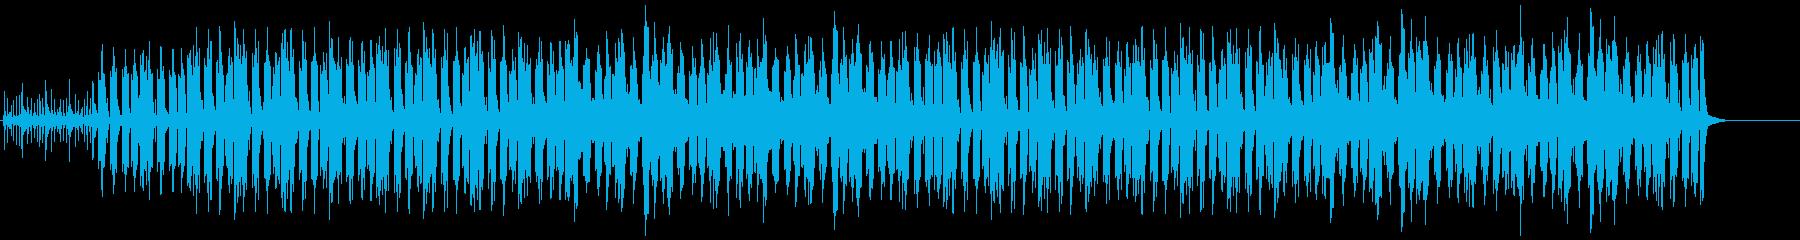 毎日ウタゲ!部族の奏でるジャングルビートの再生済みの波形